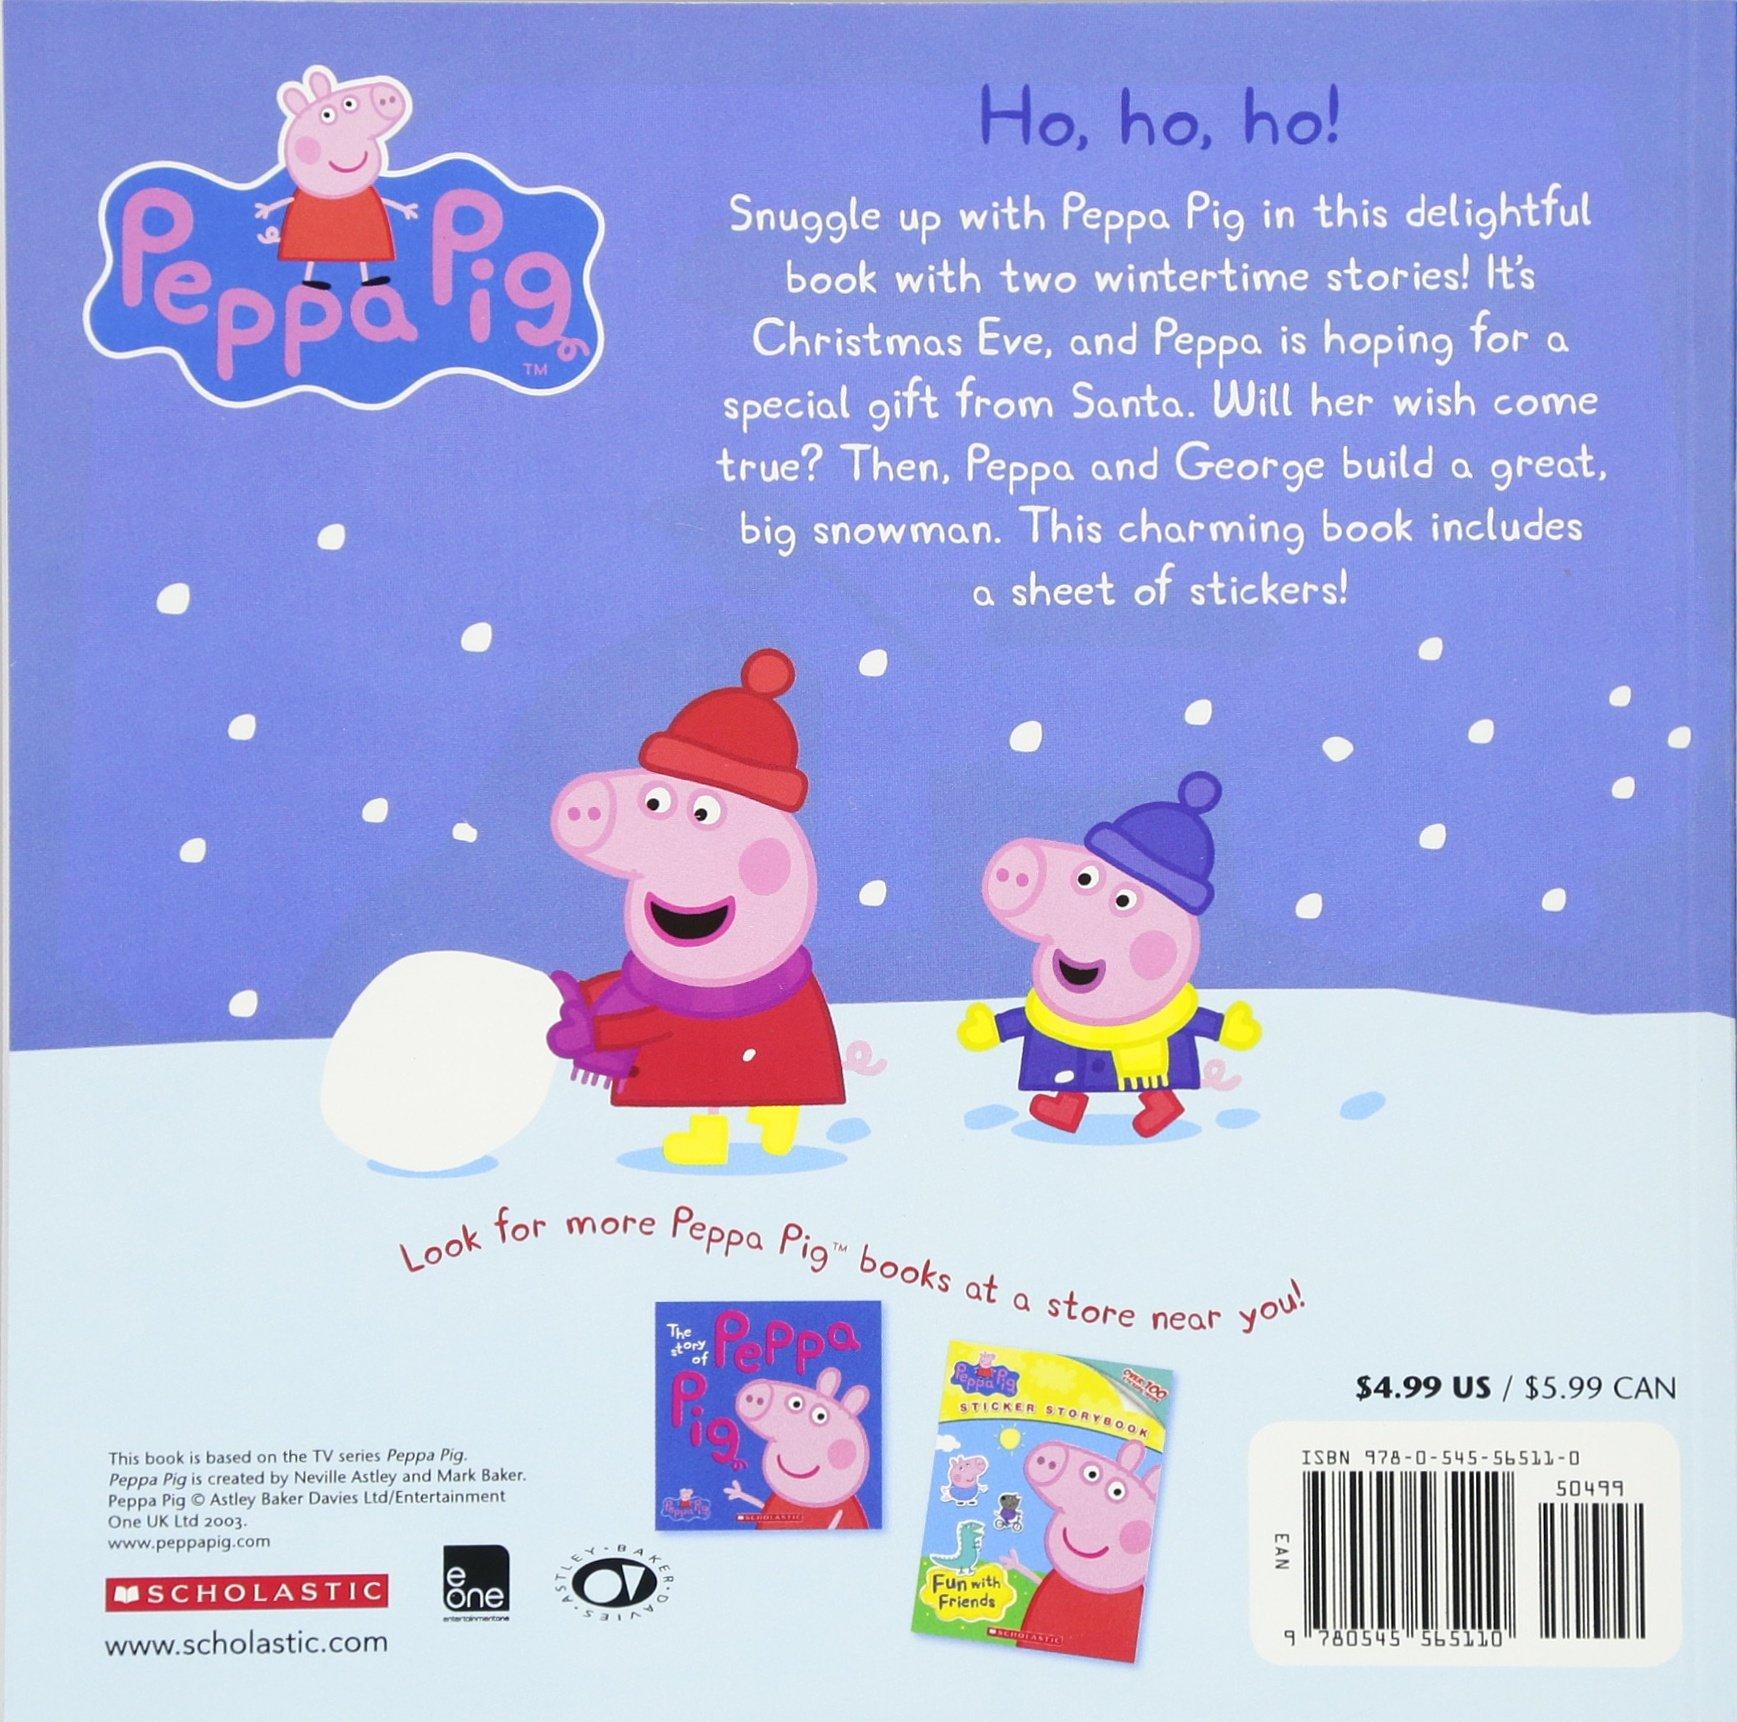 Peppas Christmas Wish (Peppa Pig): Amazon.es: Scholastic: Libros en idiomas extranjeros